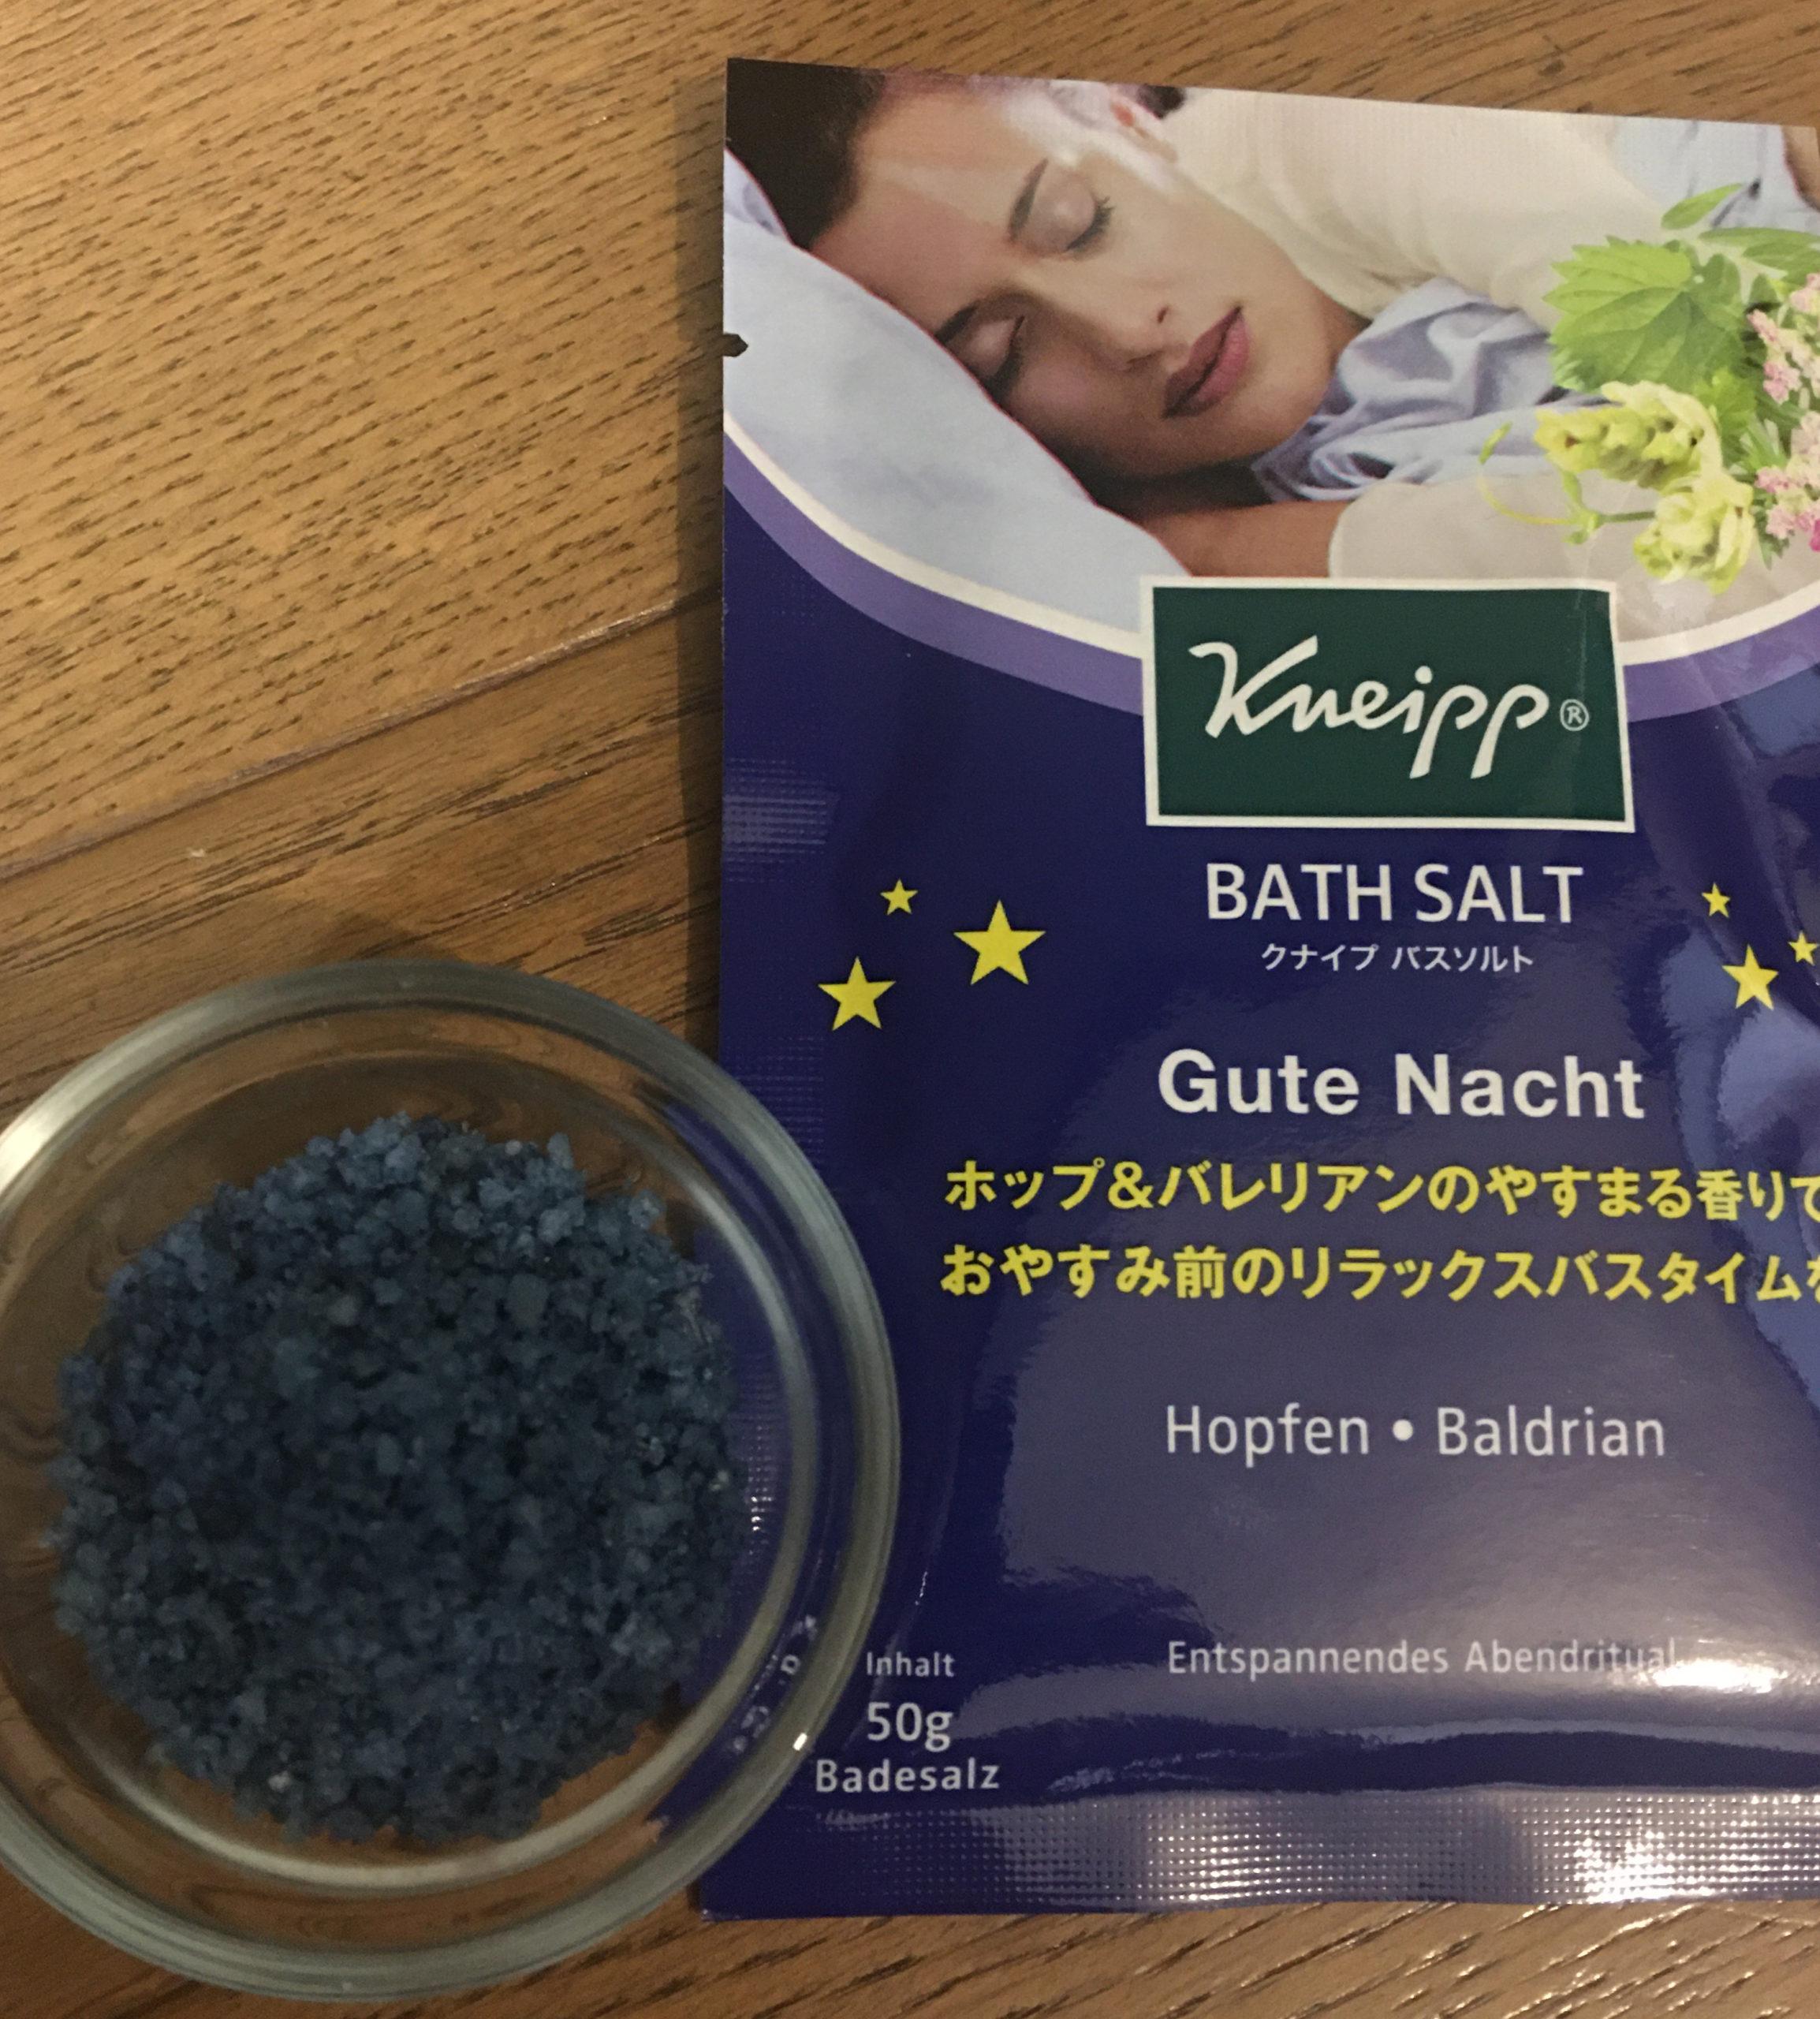 【クナイプバスソルト】レビュー/ ホップ&バレリアンの香り